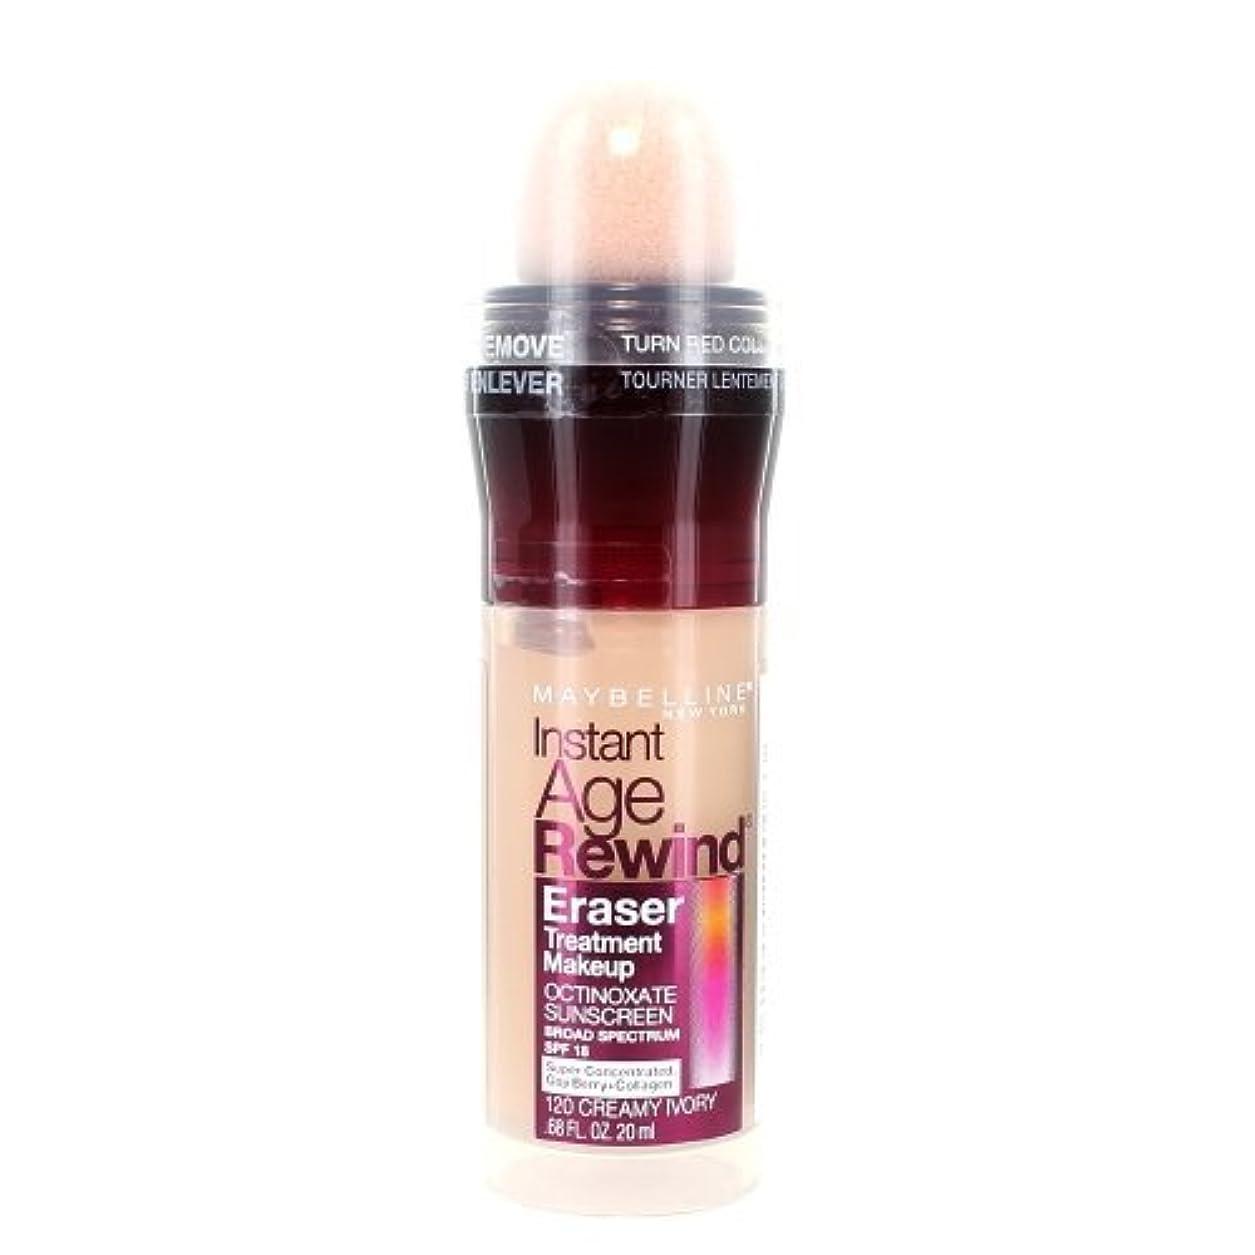 考案するいっぱい苦難(3 Pack) MAYBELLINE Instant Age Rewind Eraser Treatment Makeup Creamy Ivory (並行輸入品)